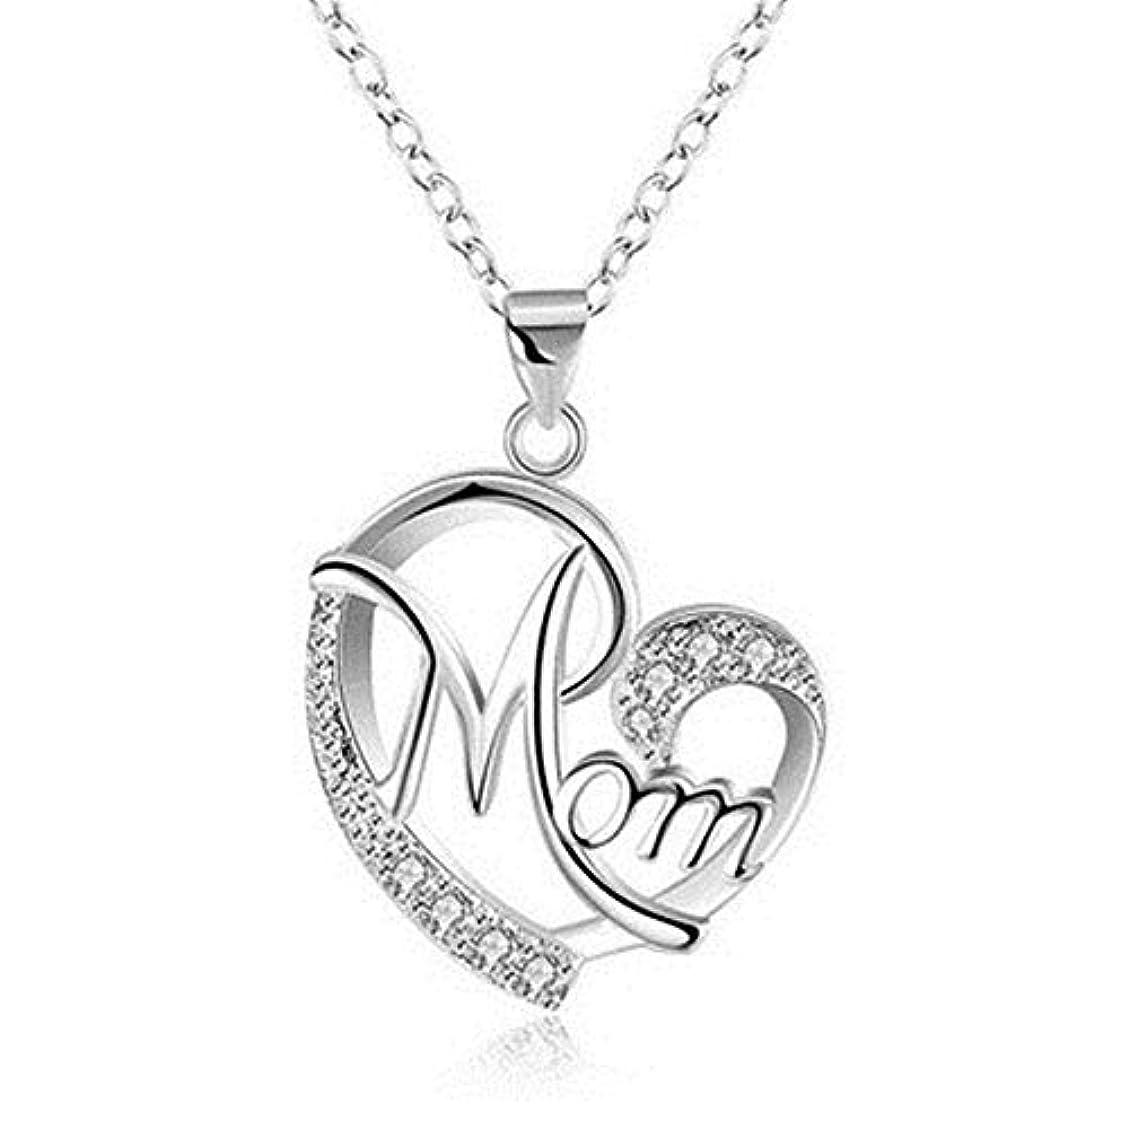 可能性引退するしてはいけません私はあなたを愛してお母さんお母さんの日ネックレスギフト模擬ダイヤモンド愛ハートネックレス手紙